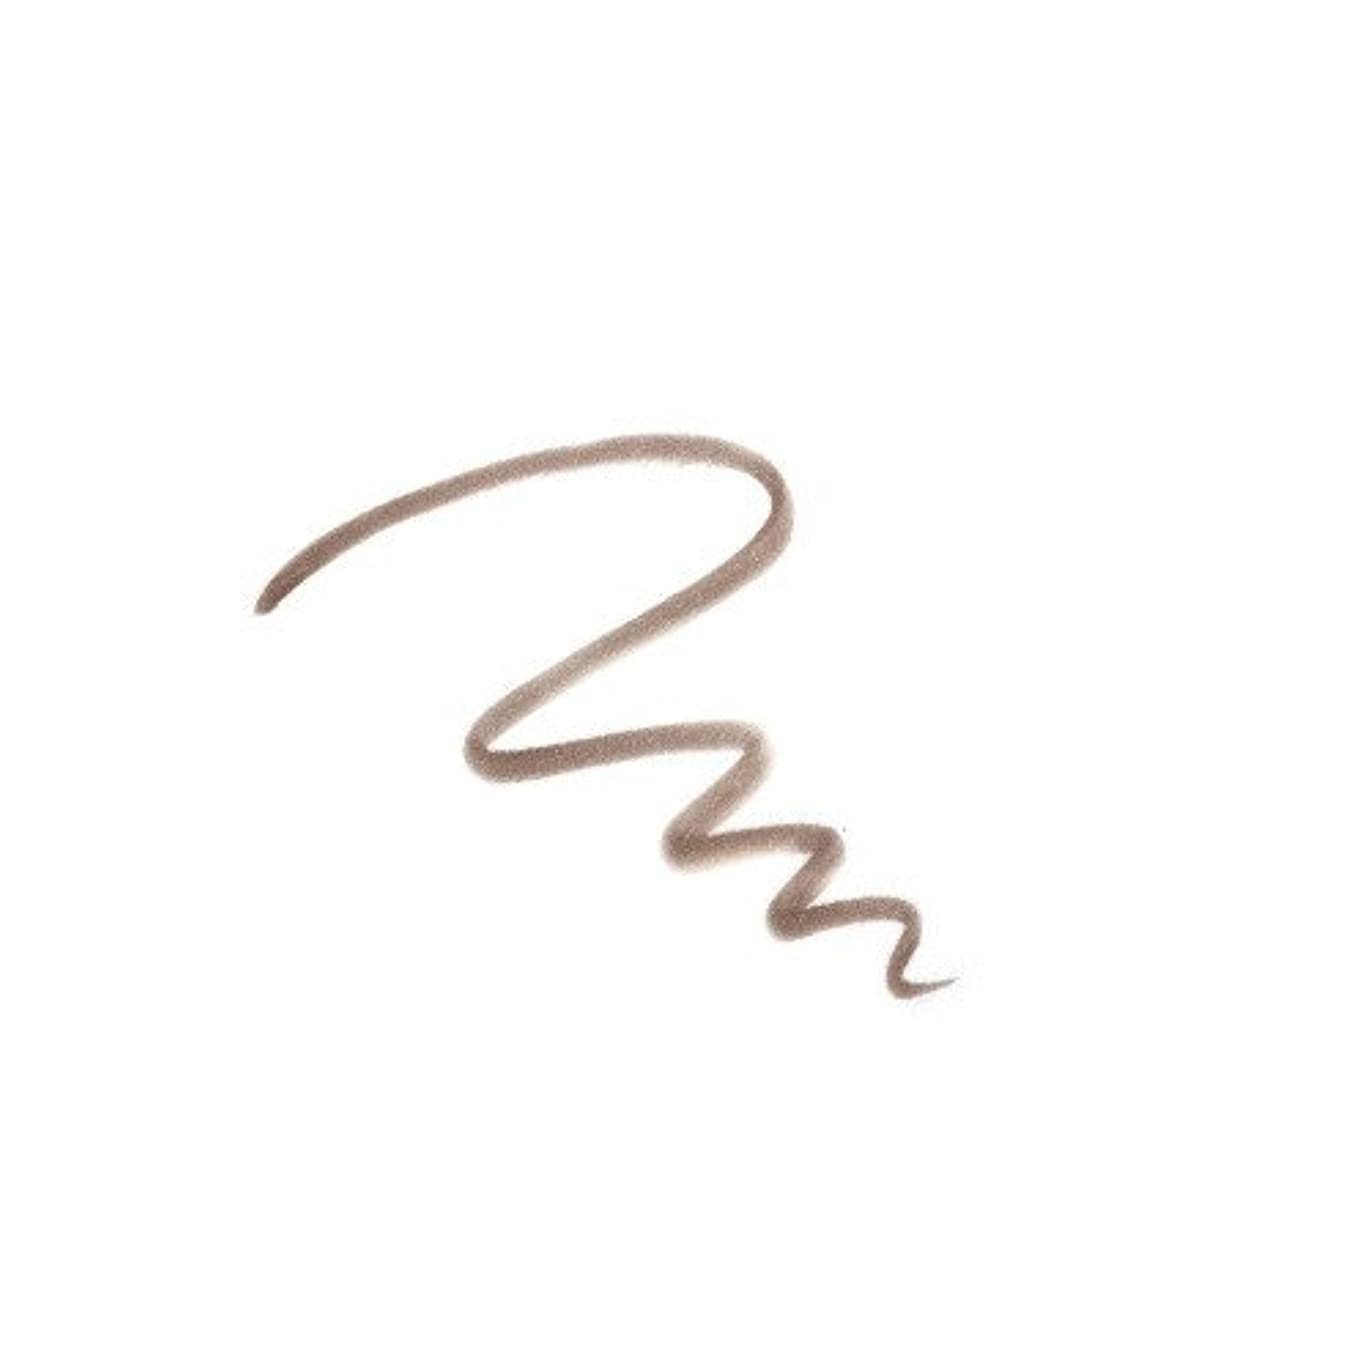 特性検出可能約設定MISSHA(ミシャ) 7DAYS Tinted Eyebrow セブンデイズ ティンティッド アイブロウ マルーンブラウン